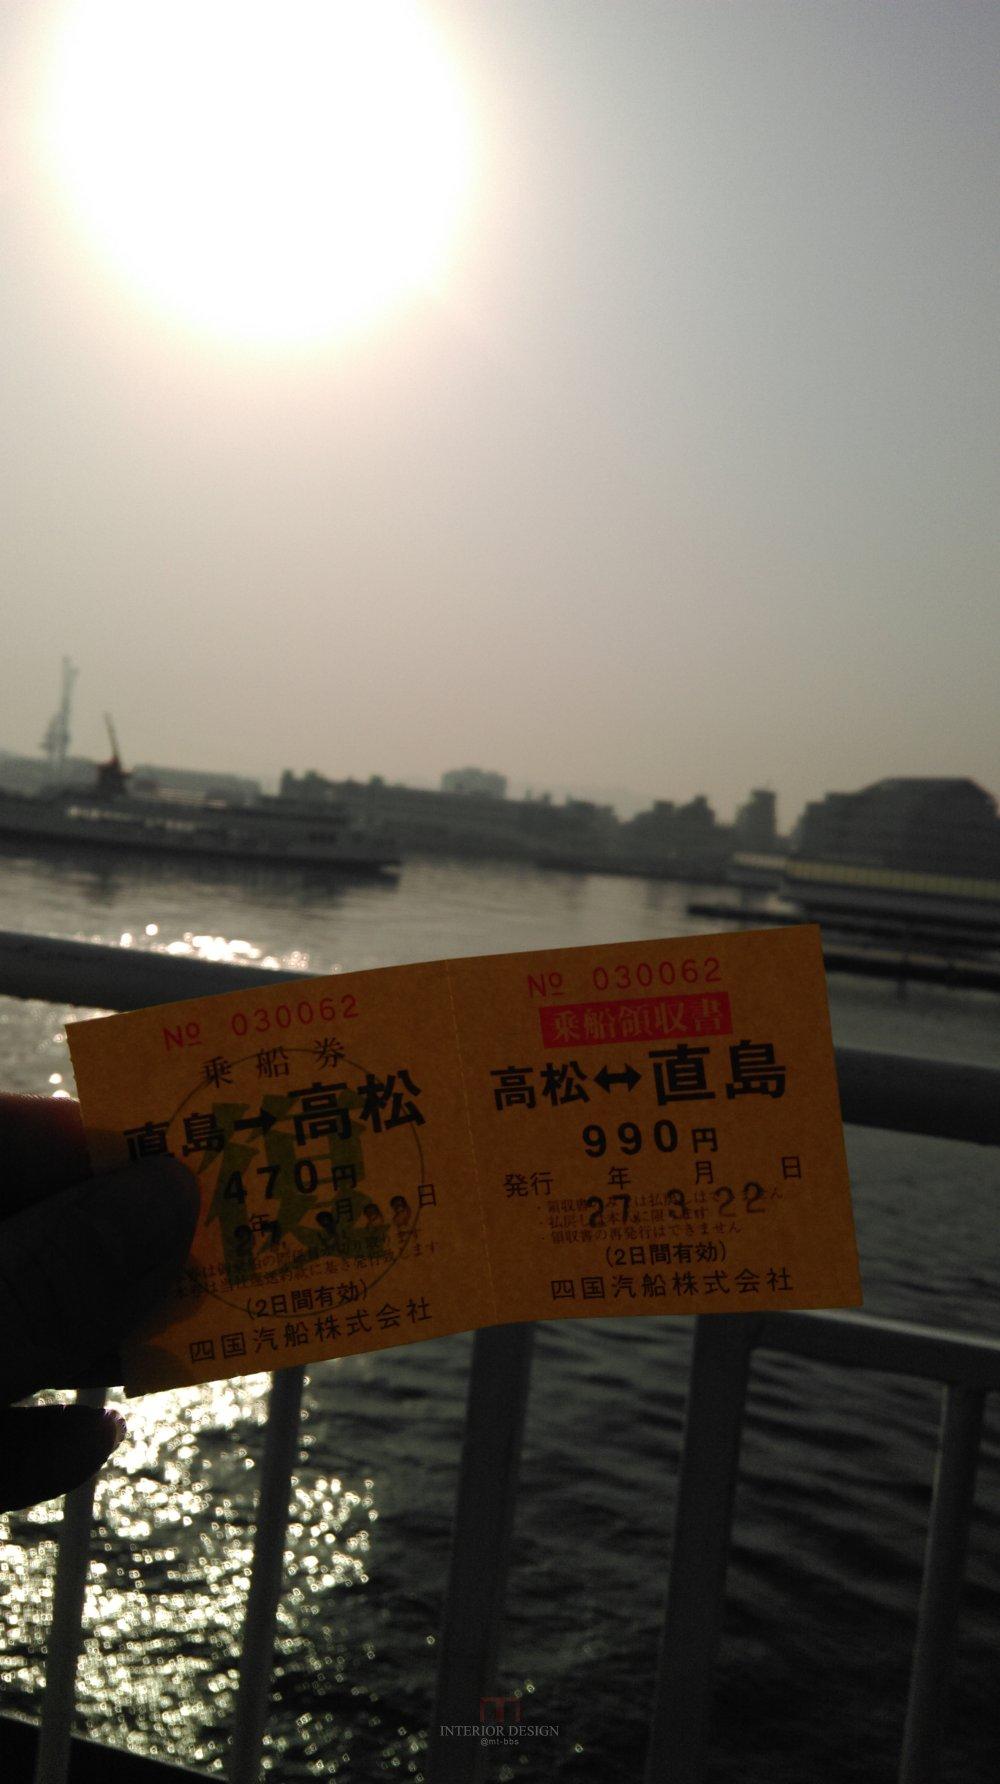 #伙伴一起看日本#  日本设计考察分享(更新美秀美术馆)_IMAG8752.jpg